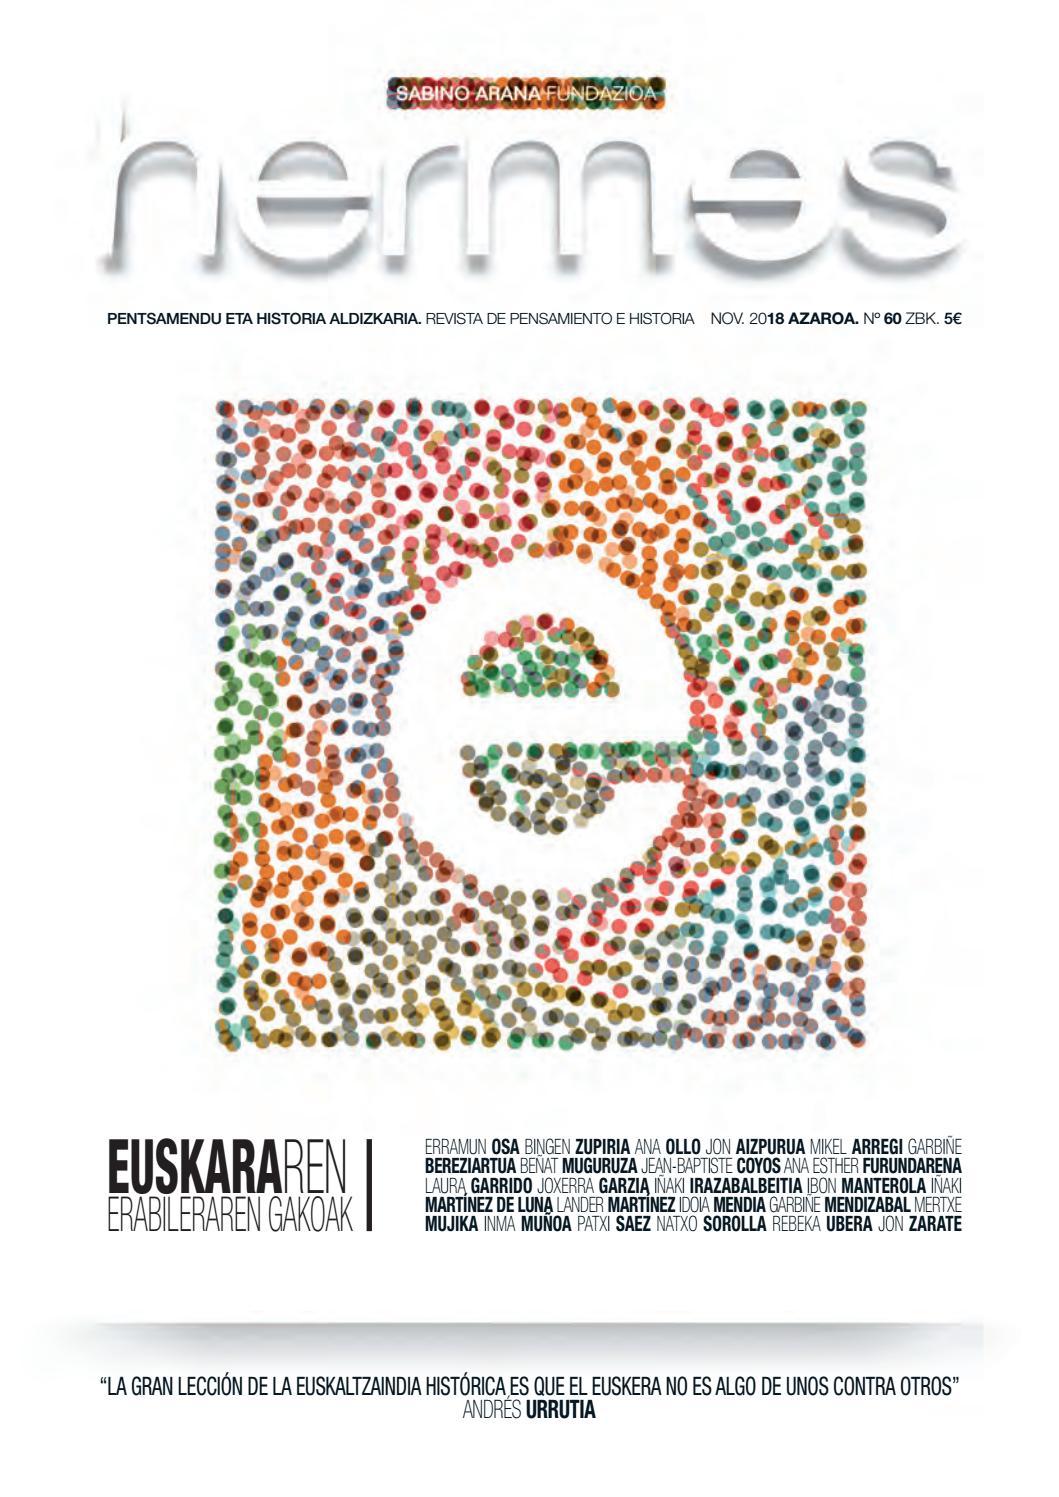 Hermes 60 Euskararen Erabileraren Gakoak By Sabino Arana